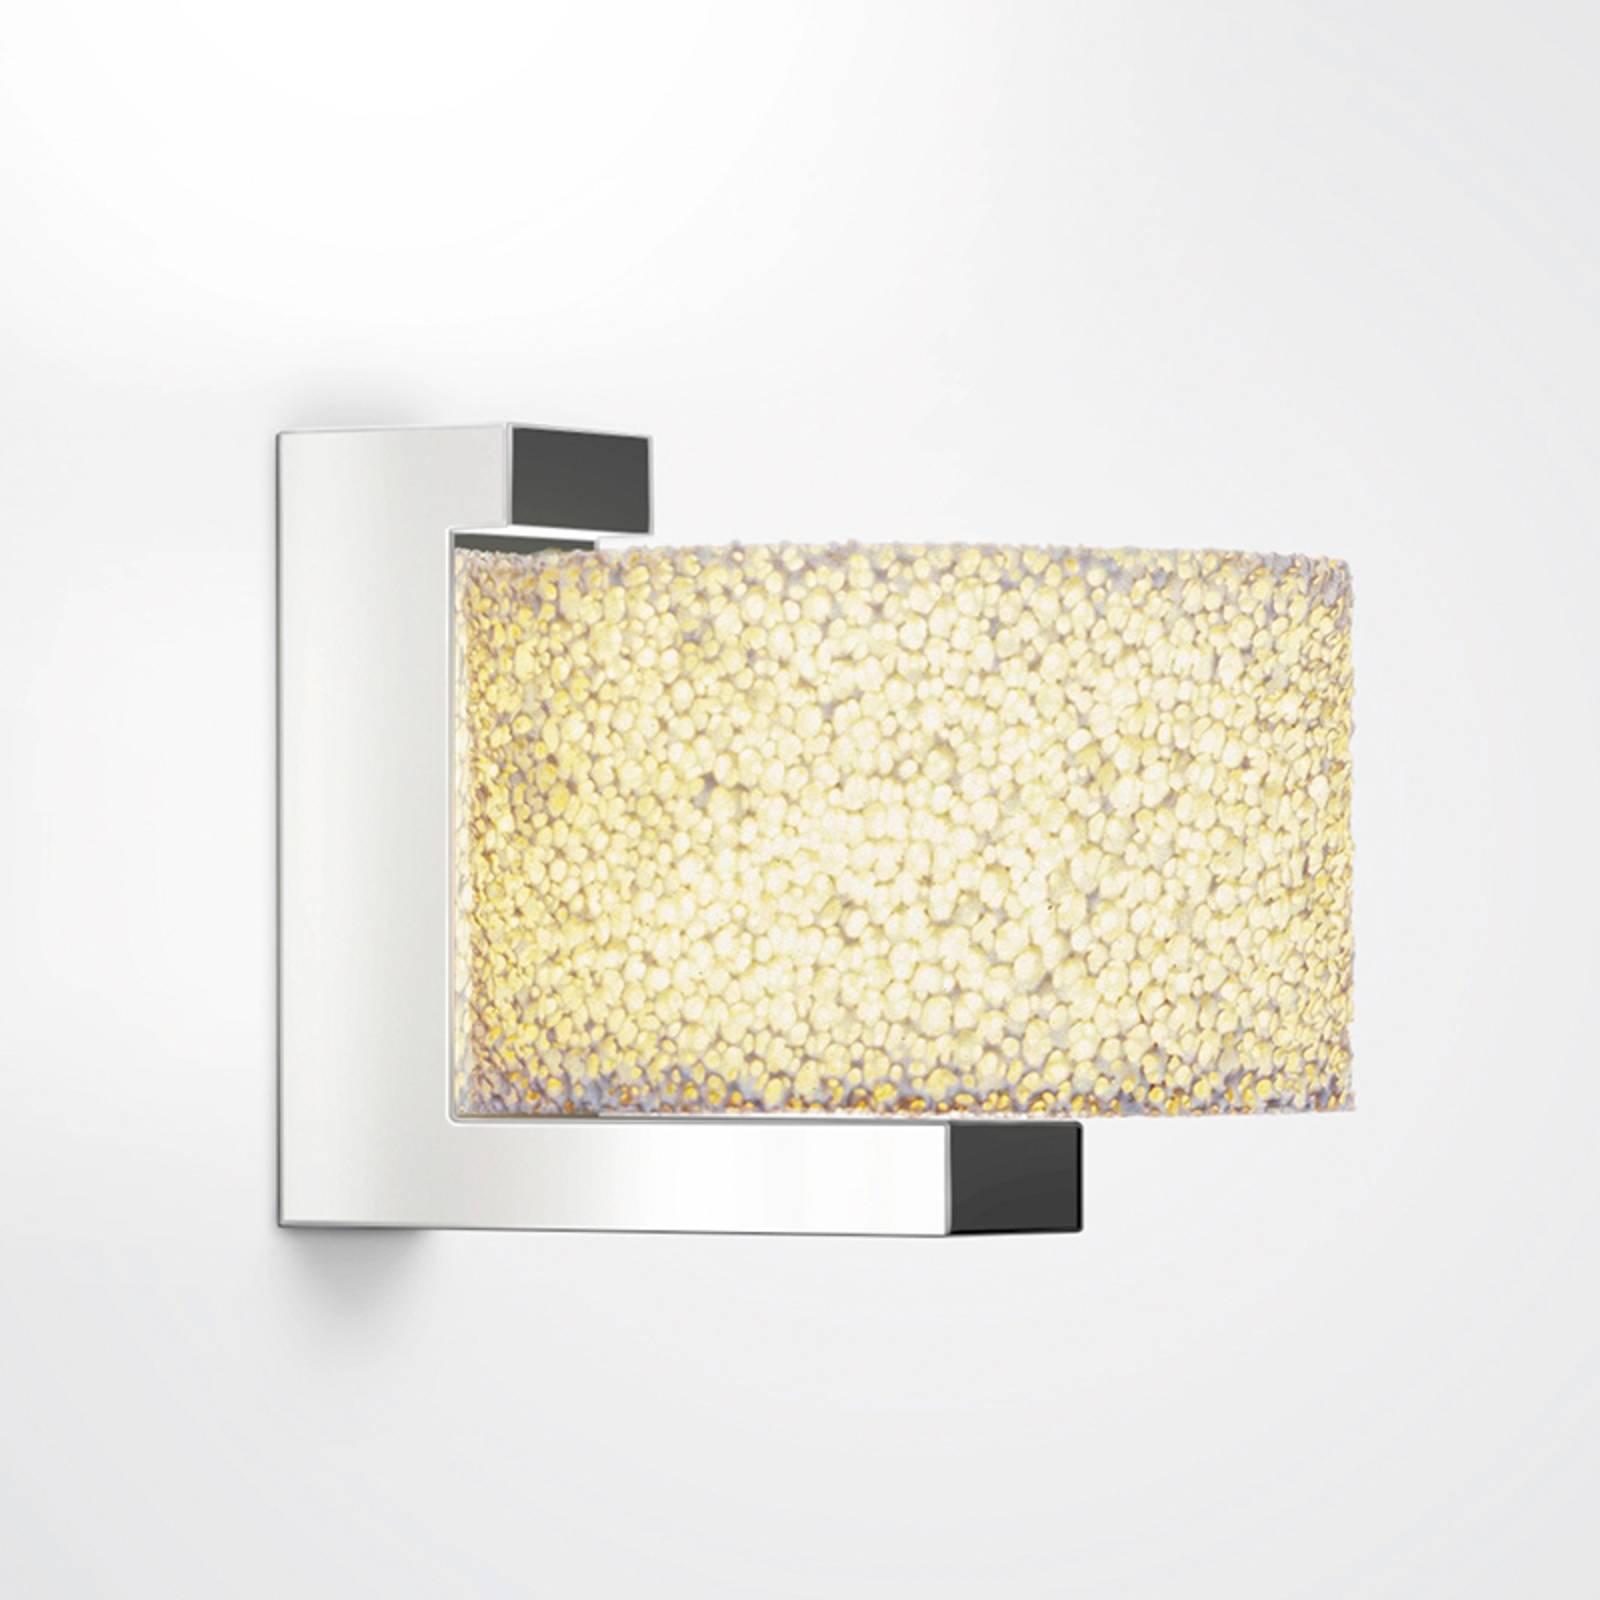 technik von serien lighting g nstig online kaufen bei i love. Black Bedroom Furniture Sets. Home Design Ideas